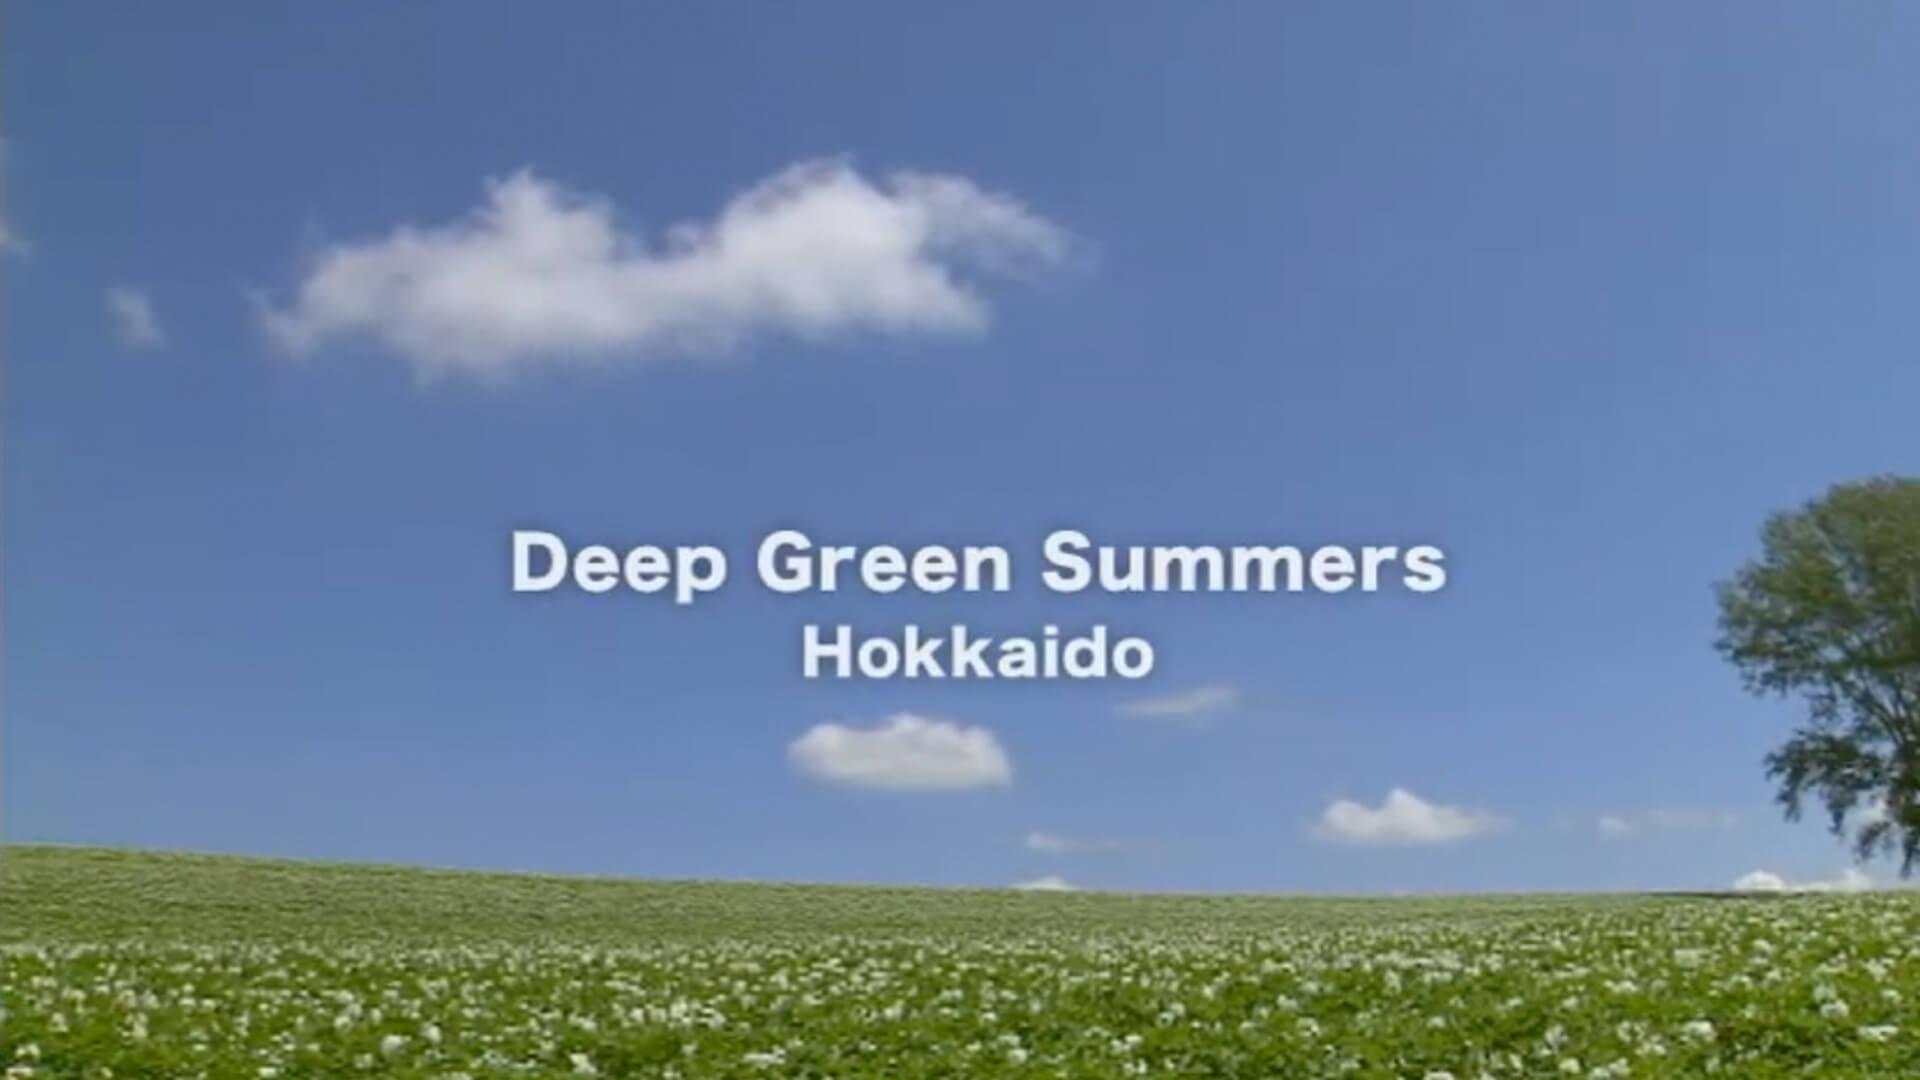 Deep Green Summers